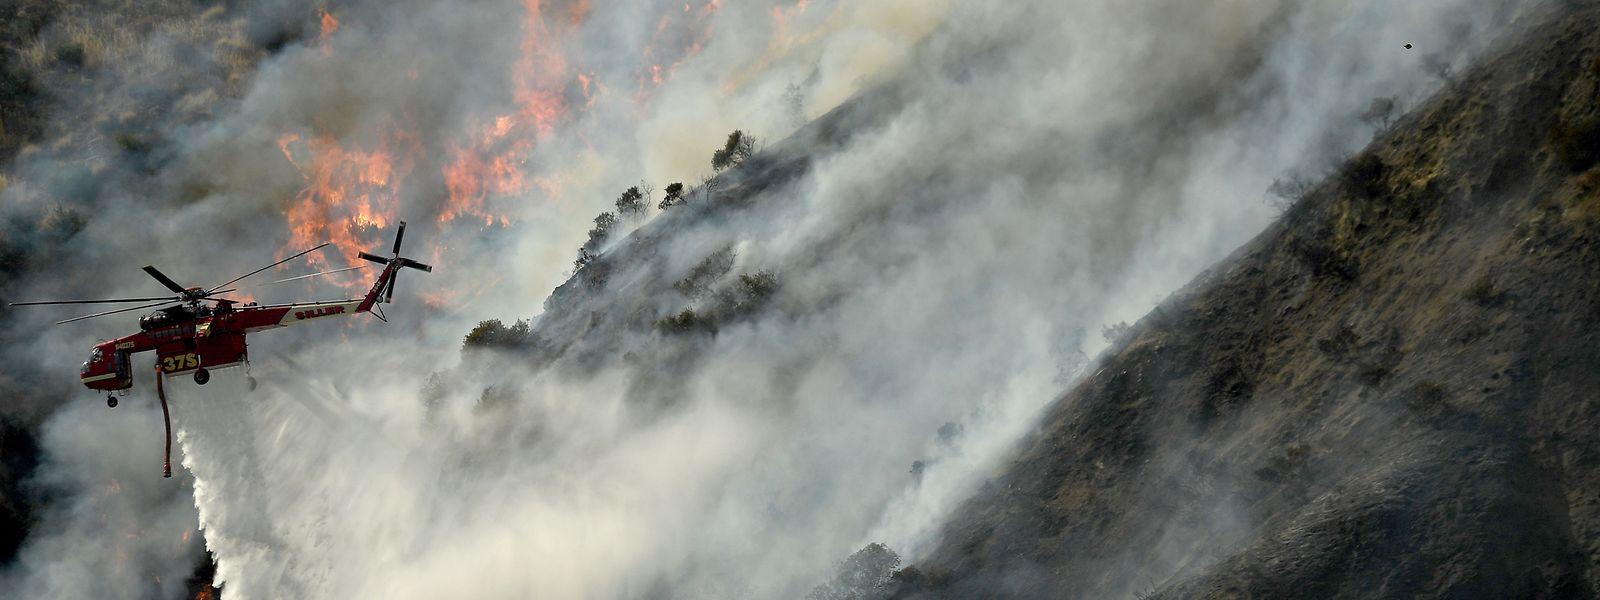 Ein Hubschrauber fliegt am Rand des Feuers entlang und wirft in der Nähe des San Gabriel Canyon Road Wasser auf die Rauchwolken ab.